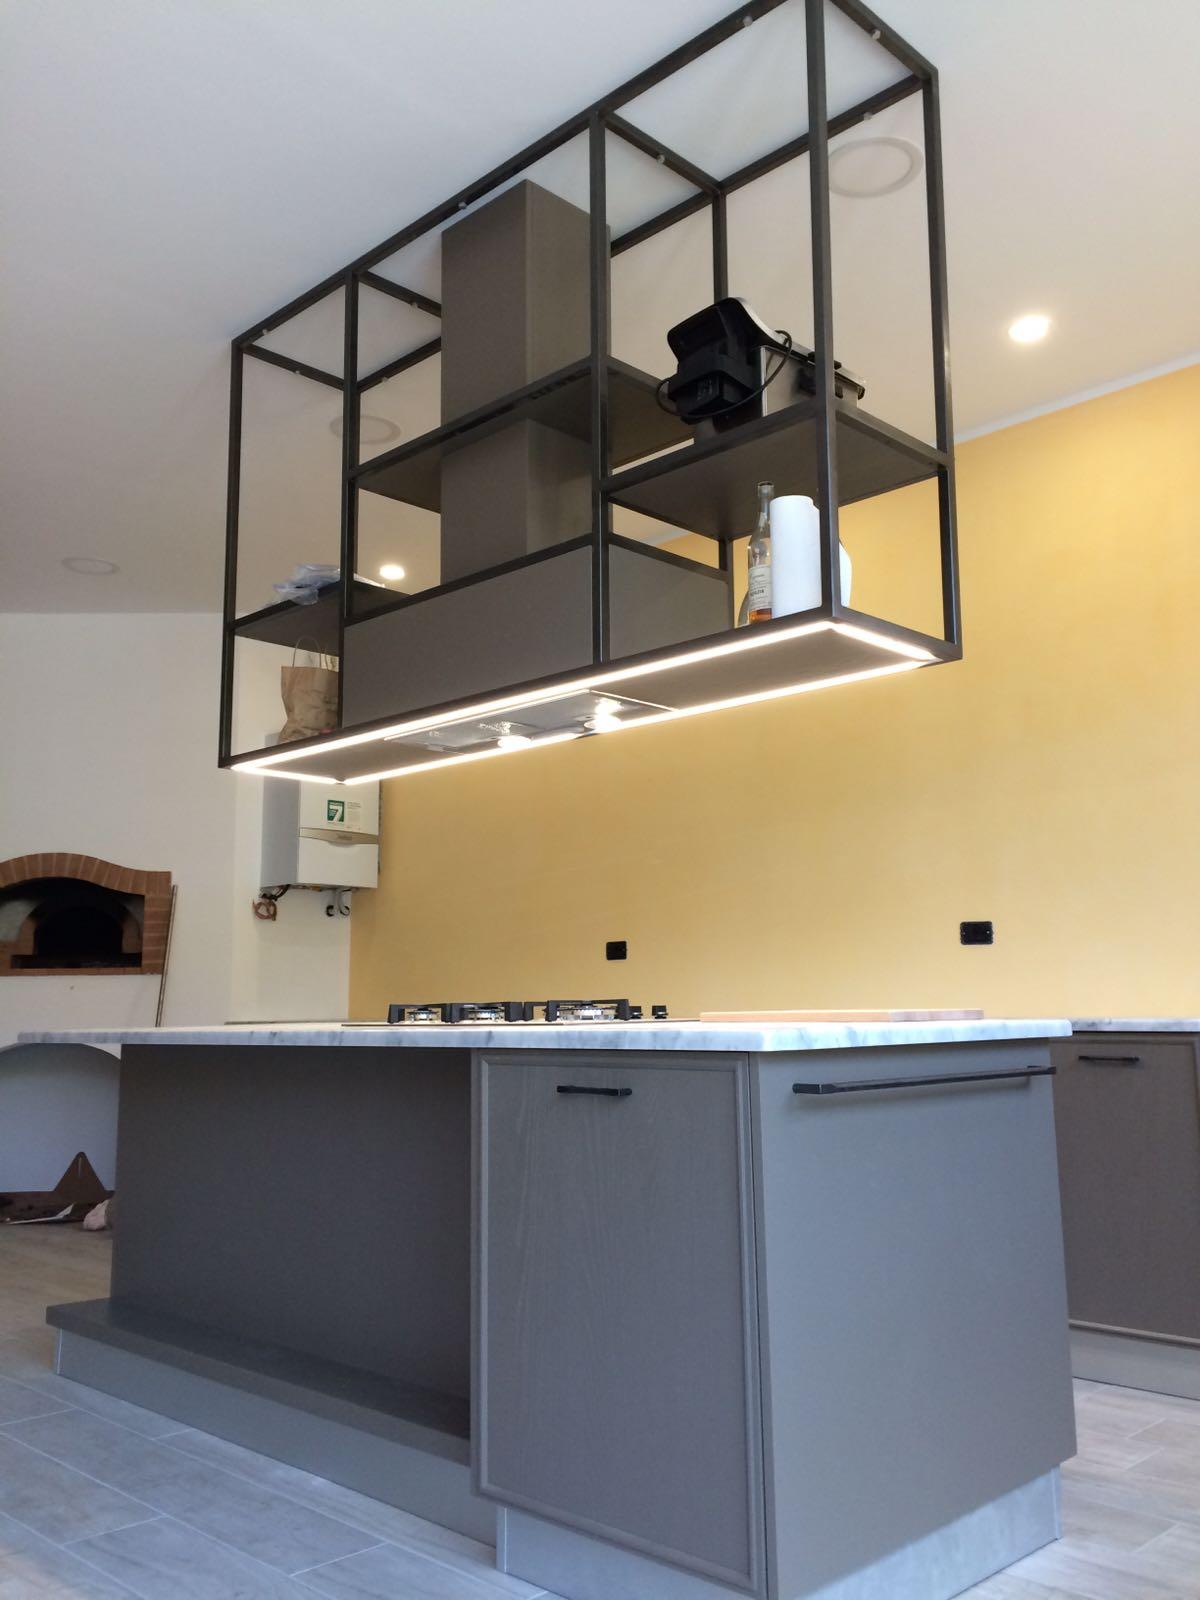 Cappa per cucina artigianale art. 242 | Fadini Mobili Cerea ...